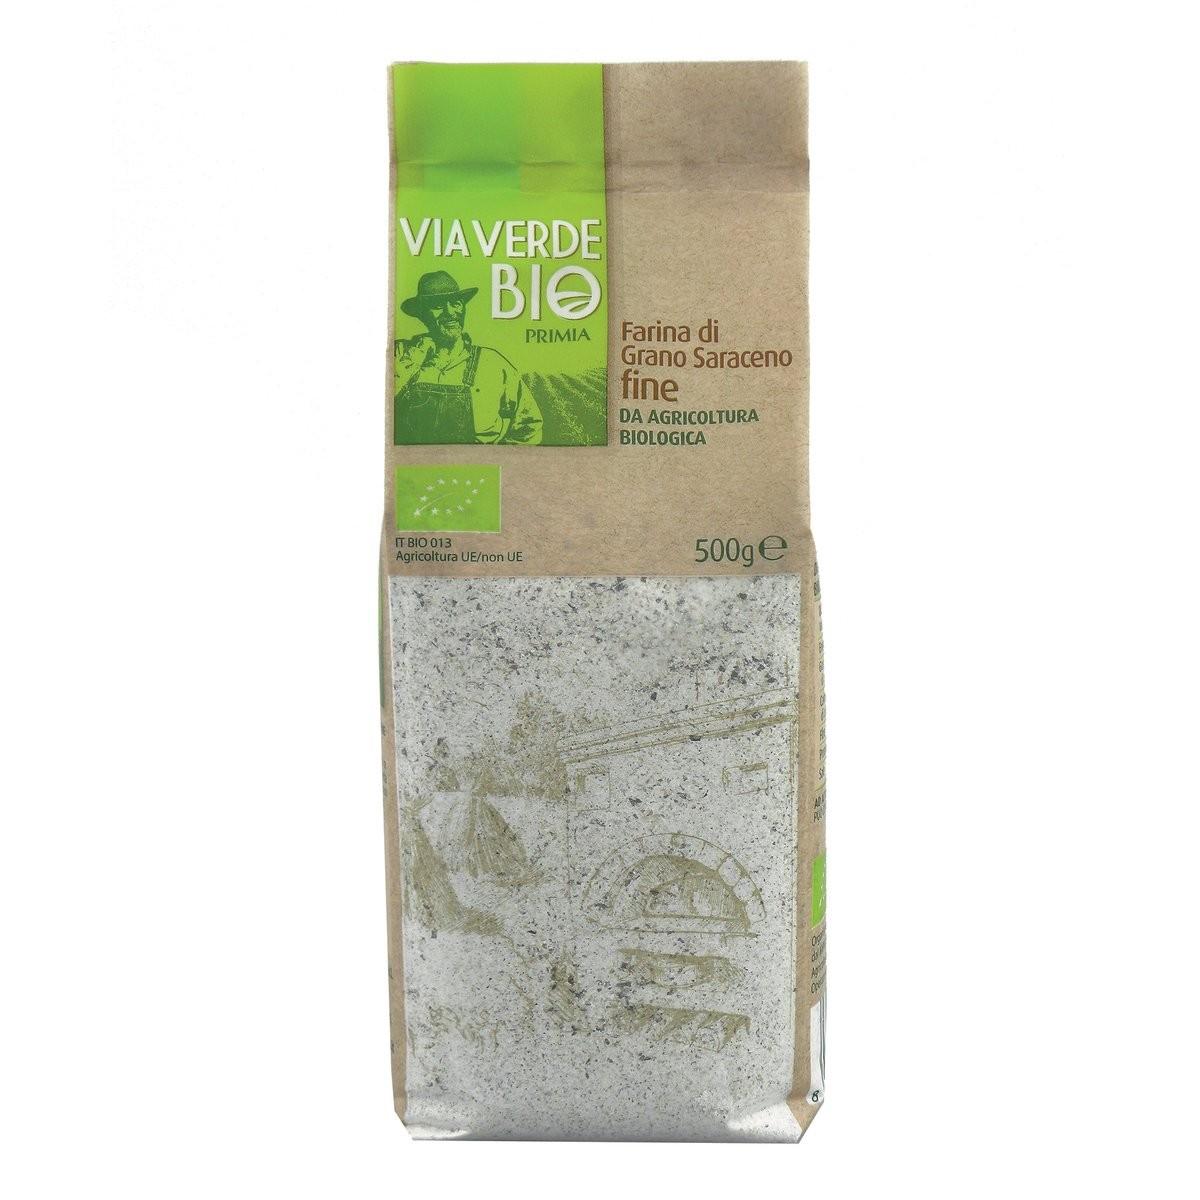 Primia Farina di grano saraceno Via Verde Bio